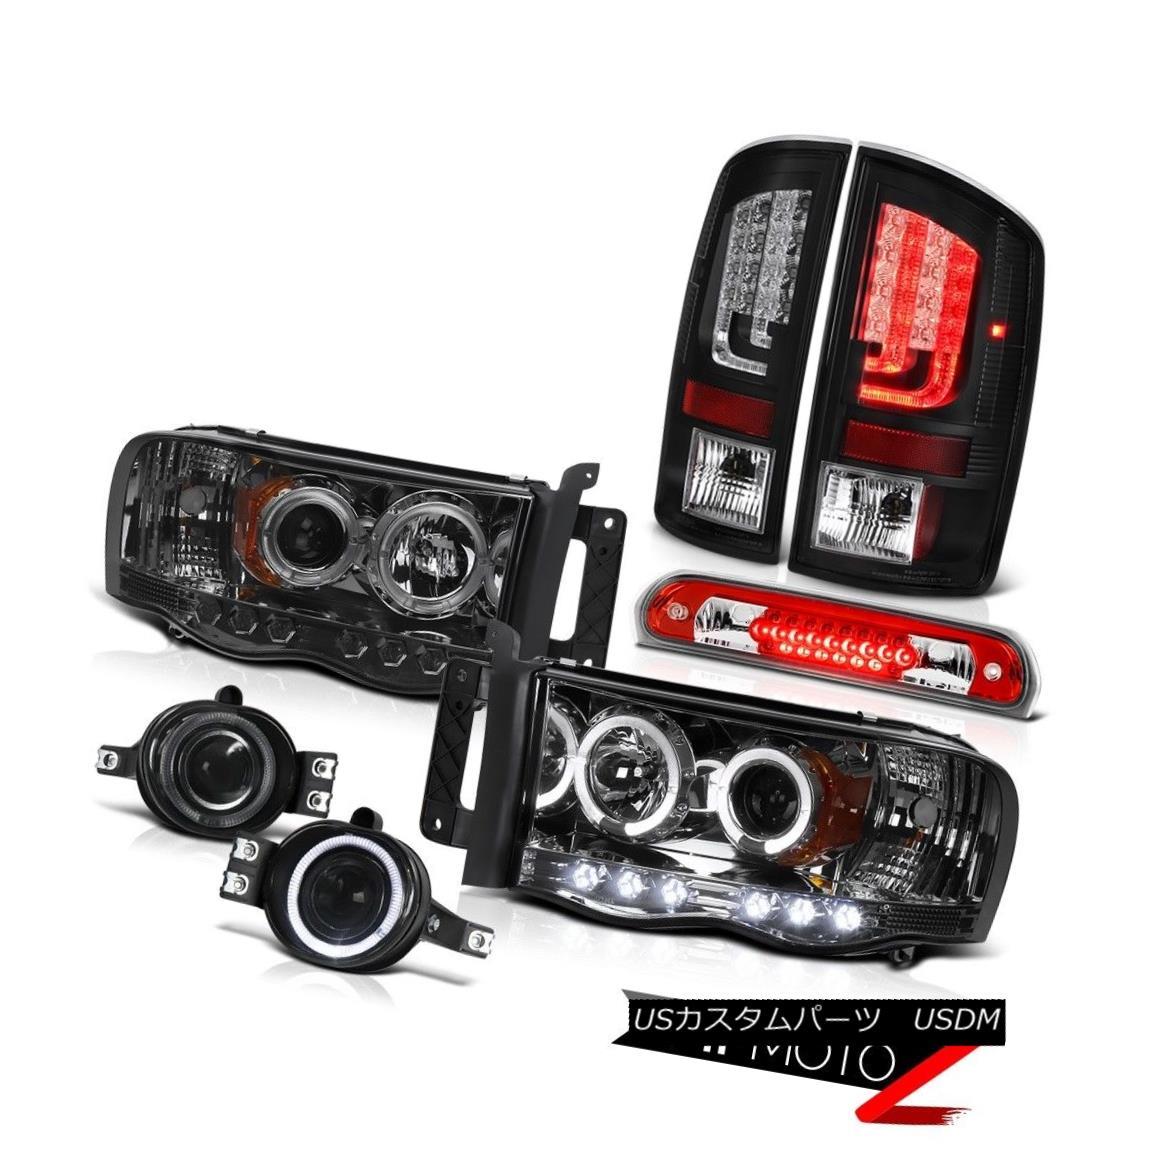 テールライト 02-05 Ram 1500 2500 3500 5.9L Taillights Headlights Foglights Red 3RD Brake Lamp 02-05 Ram 1500 2500 3500 5.9L曇りヘッドライトフォグライト赤3RDブレーキランプ